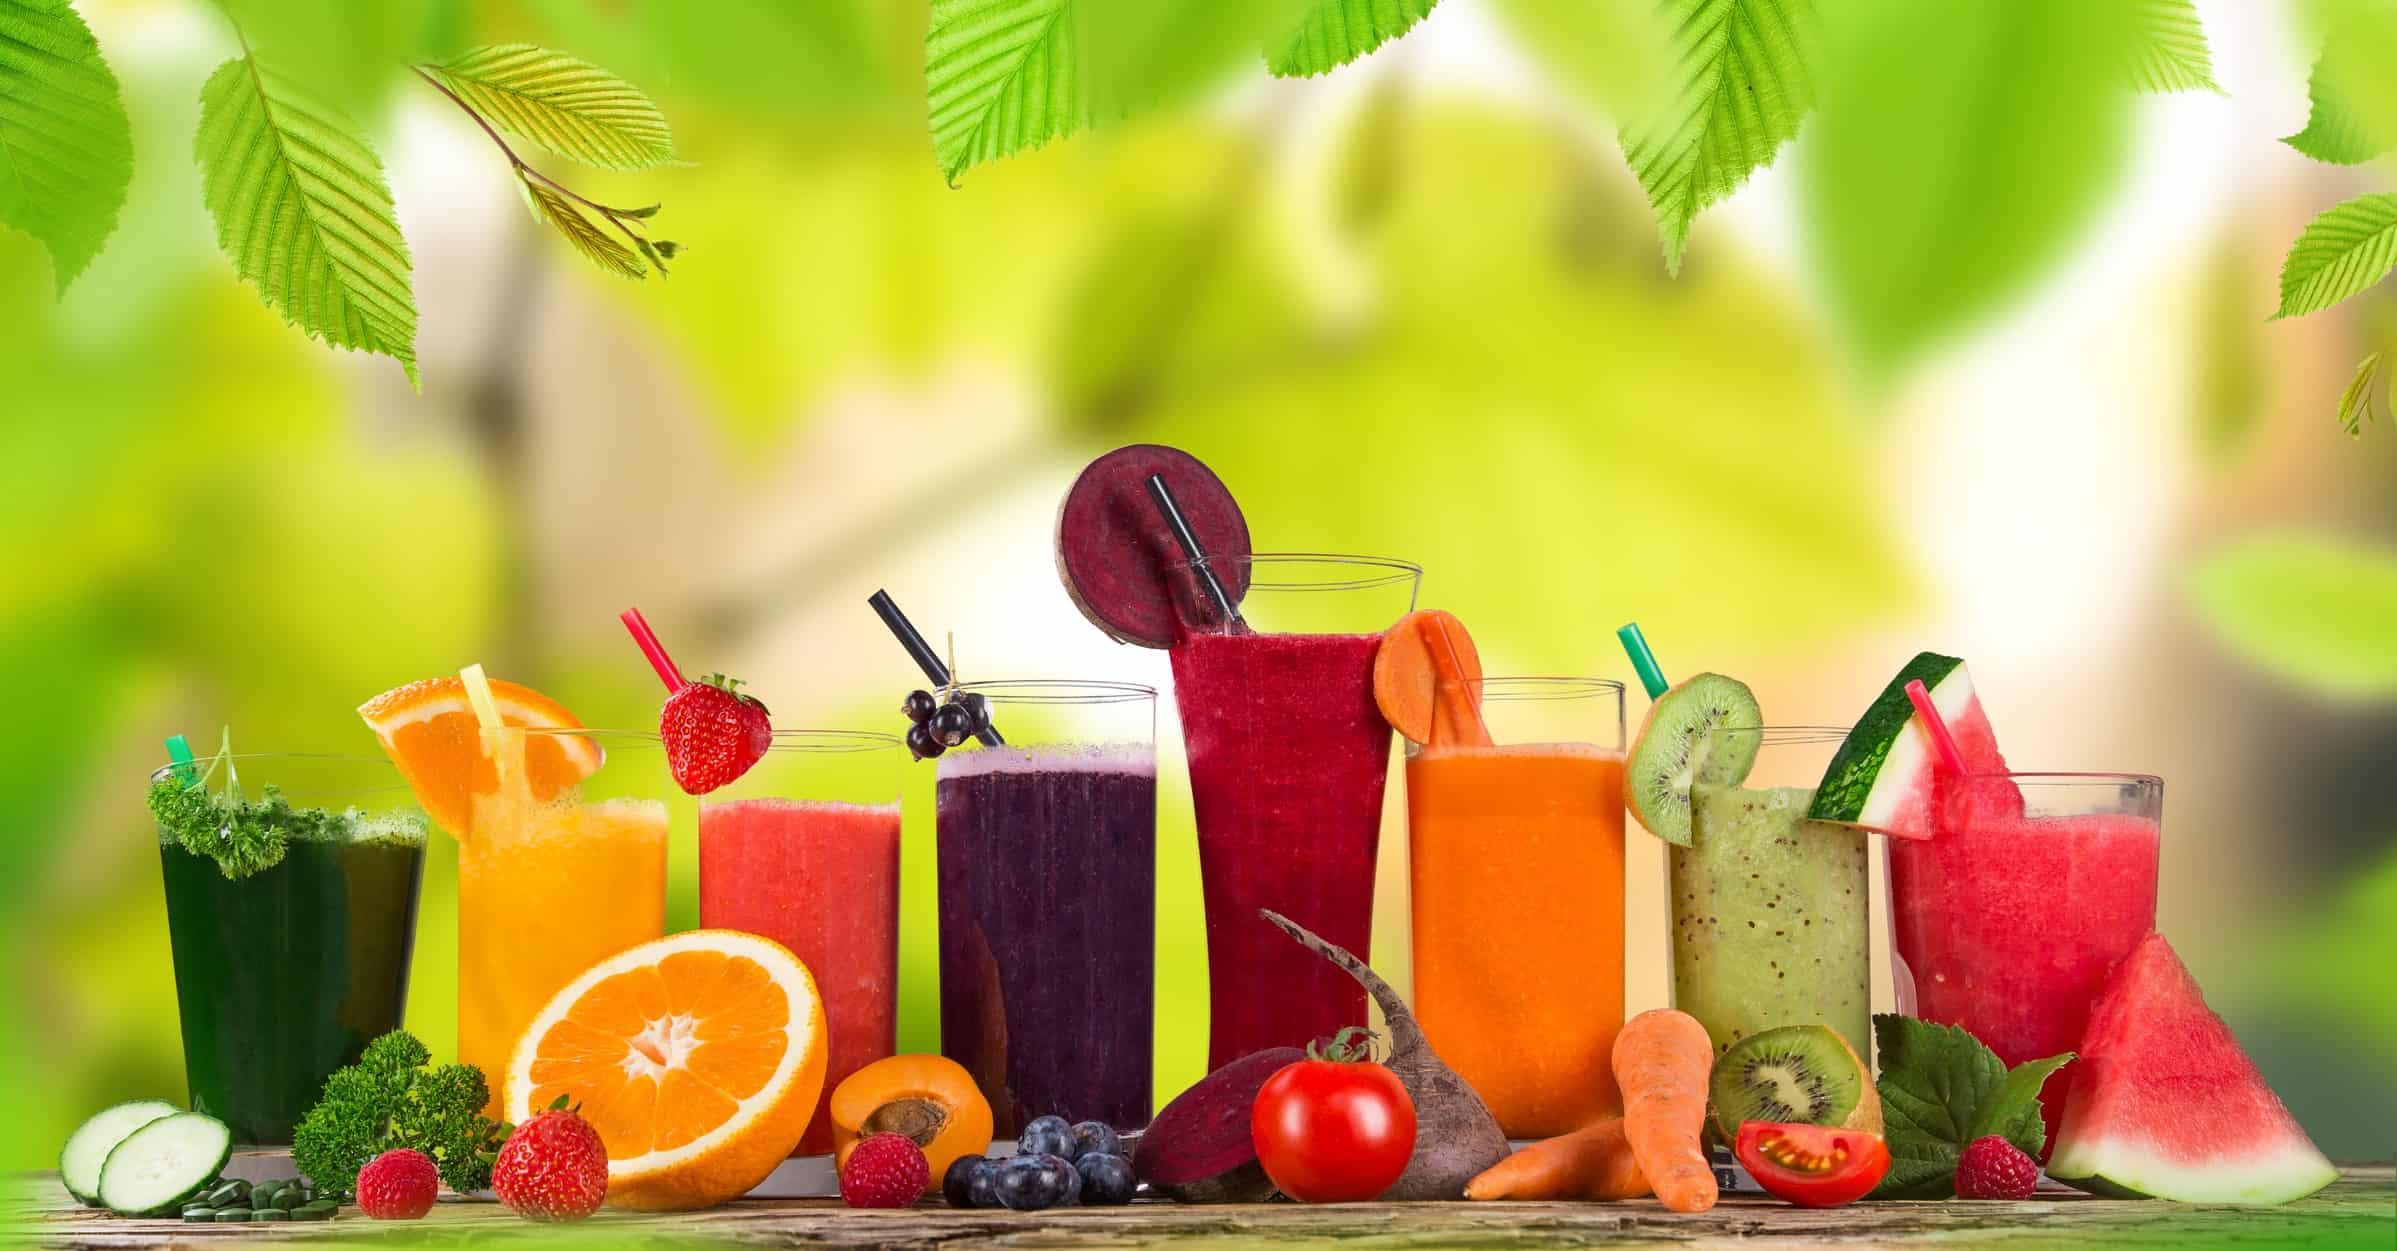 в июле важен здоровый образ жизни